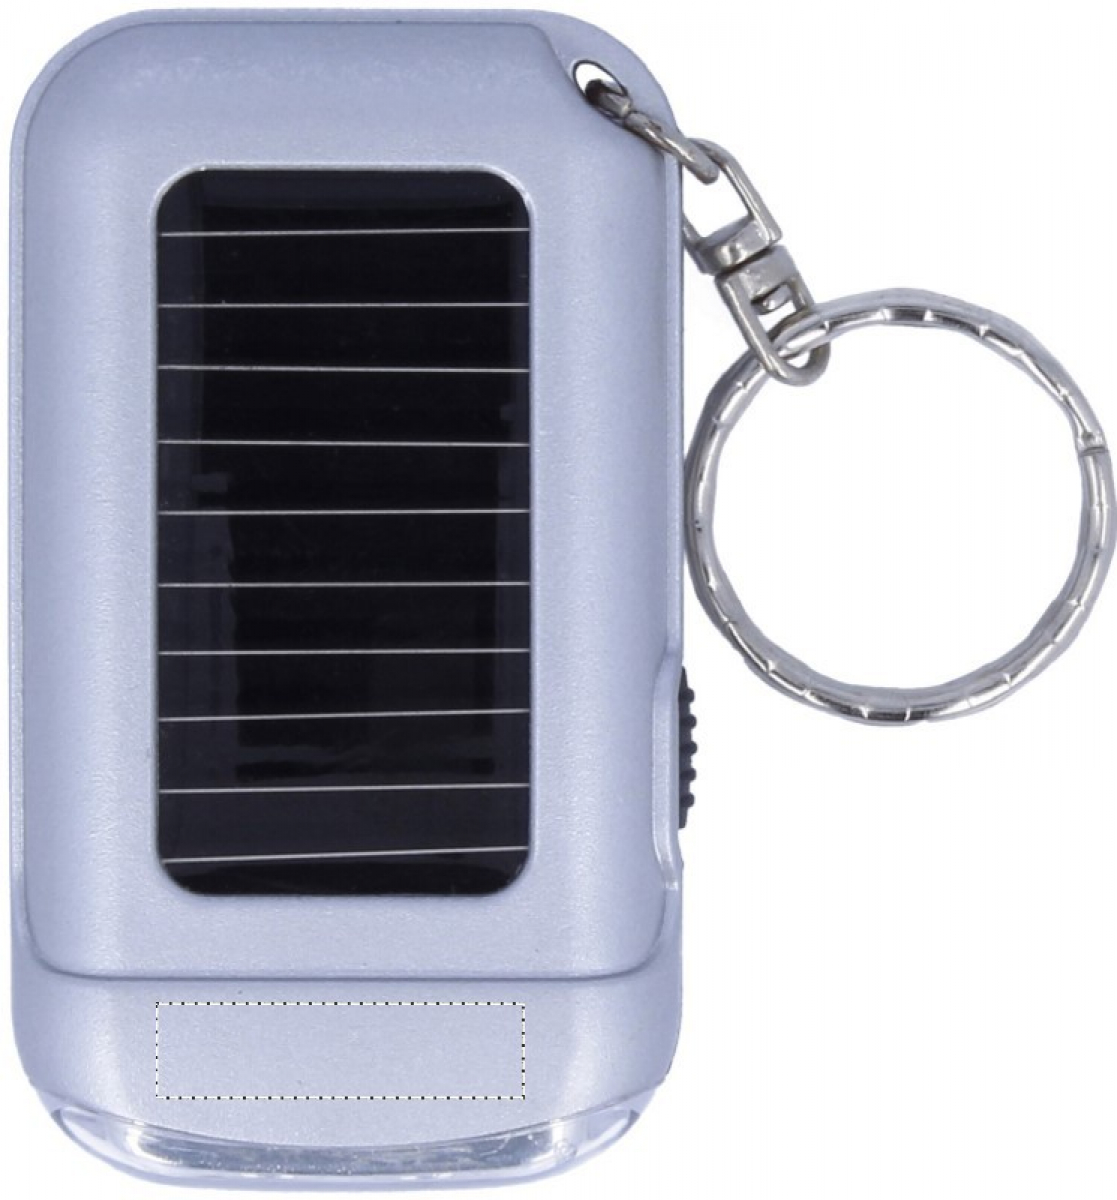 Zilveren sleutelhanger met zaklamp - Below solar cell